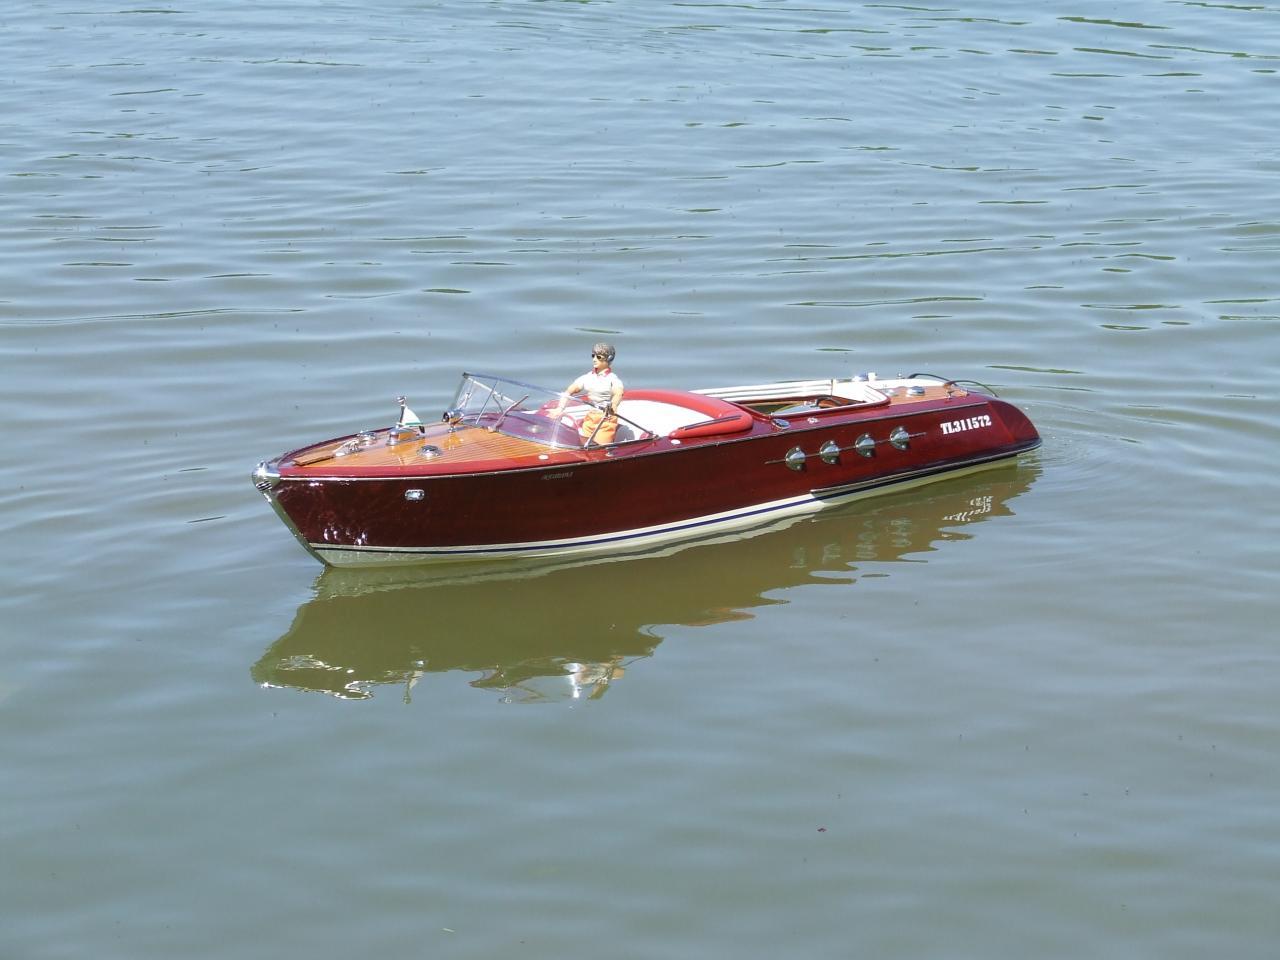 bateau de pascal.f